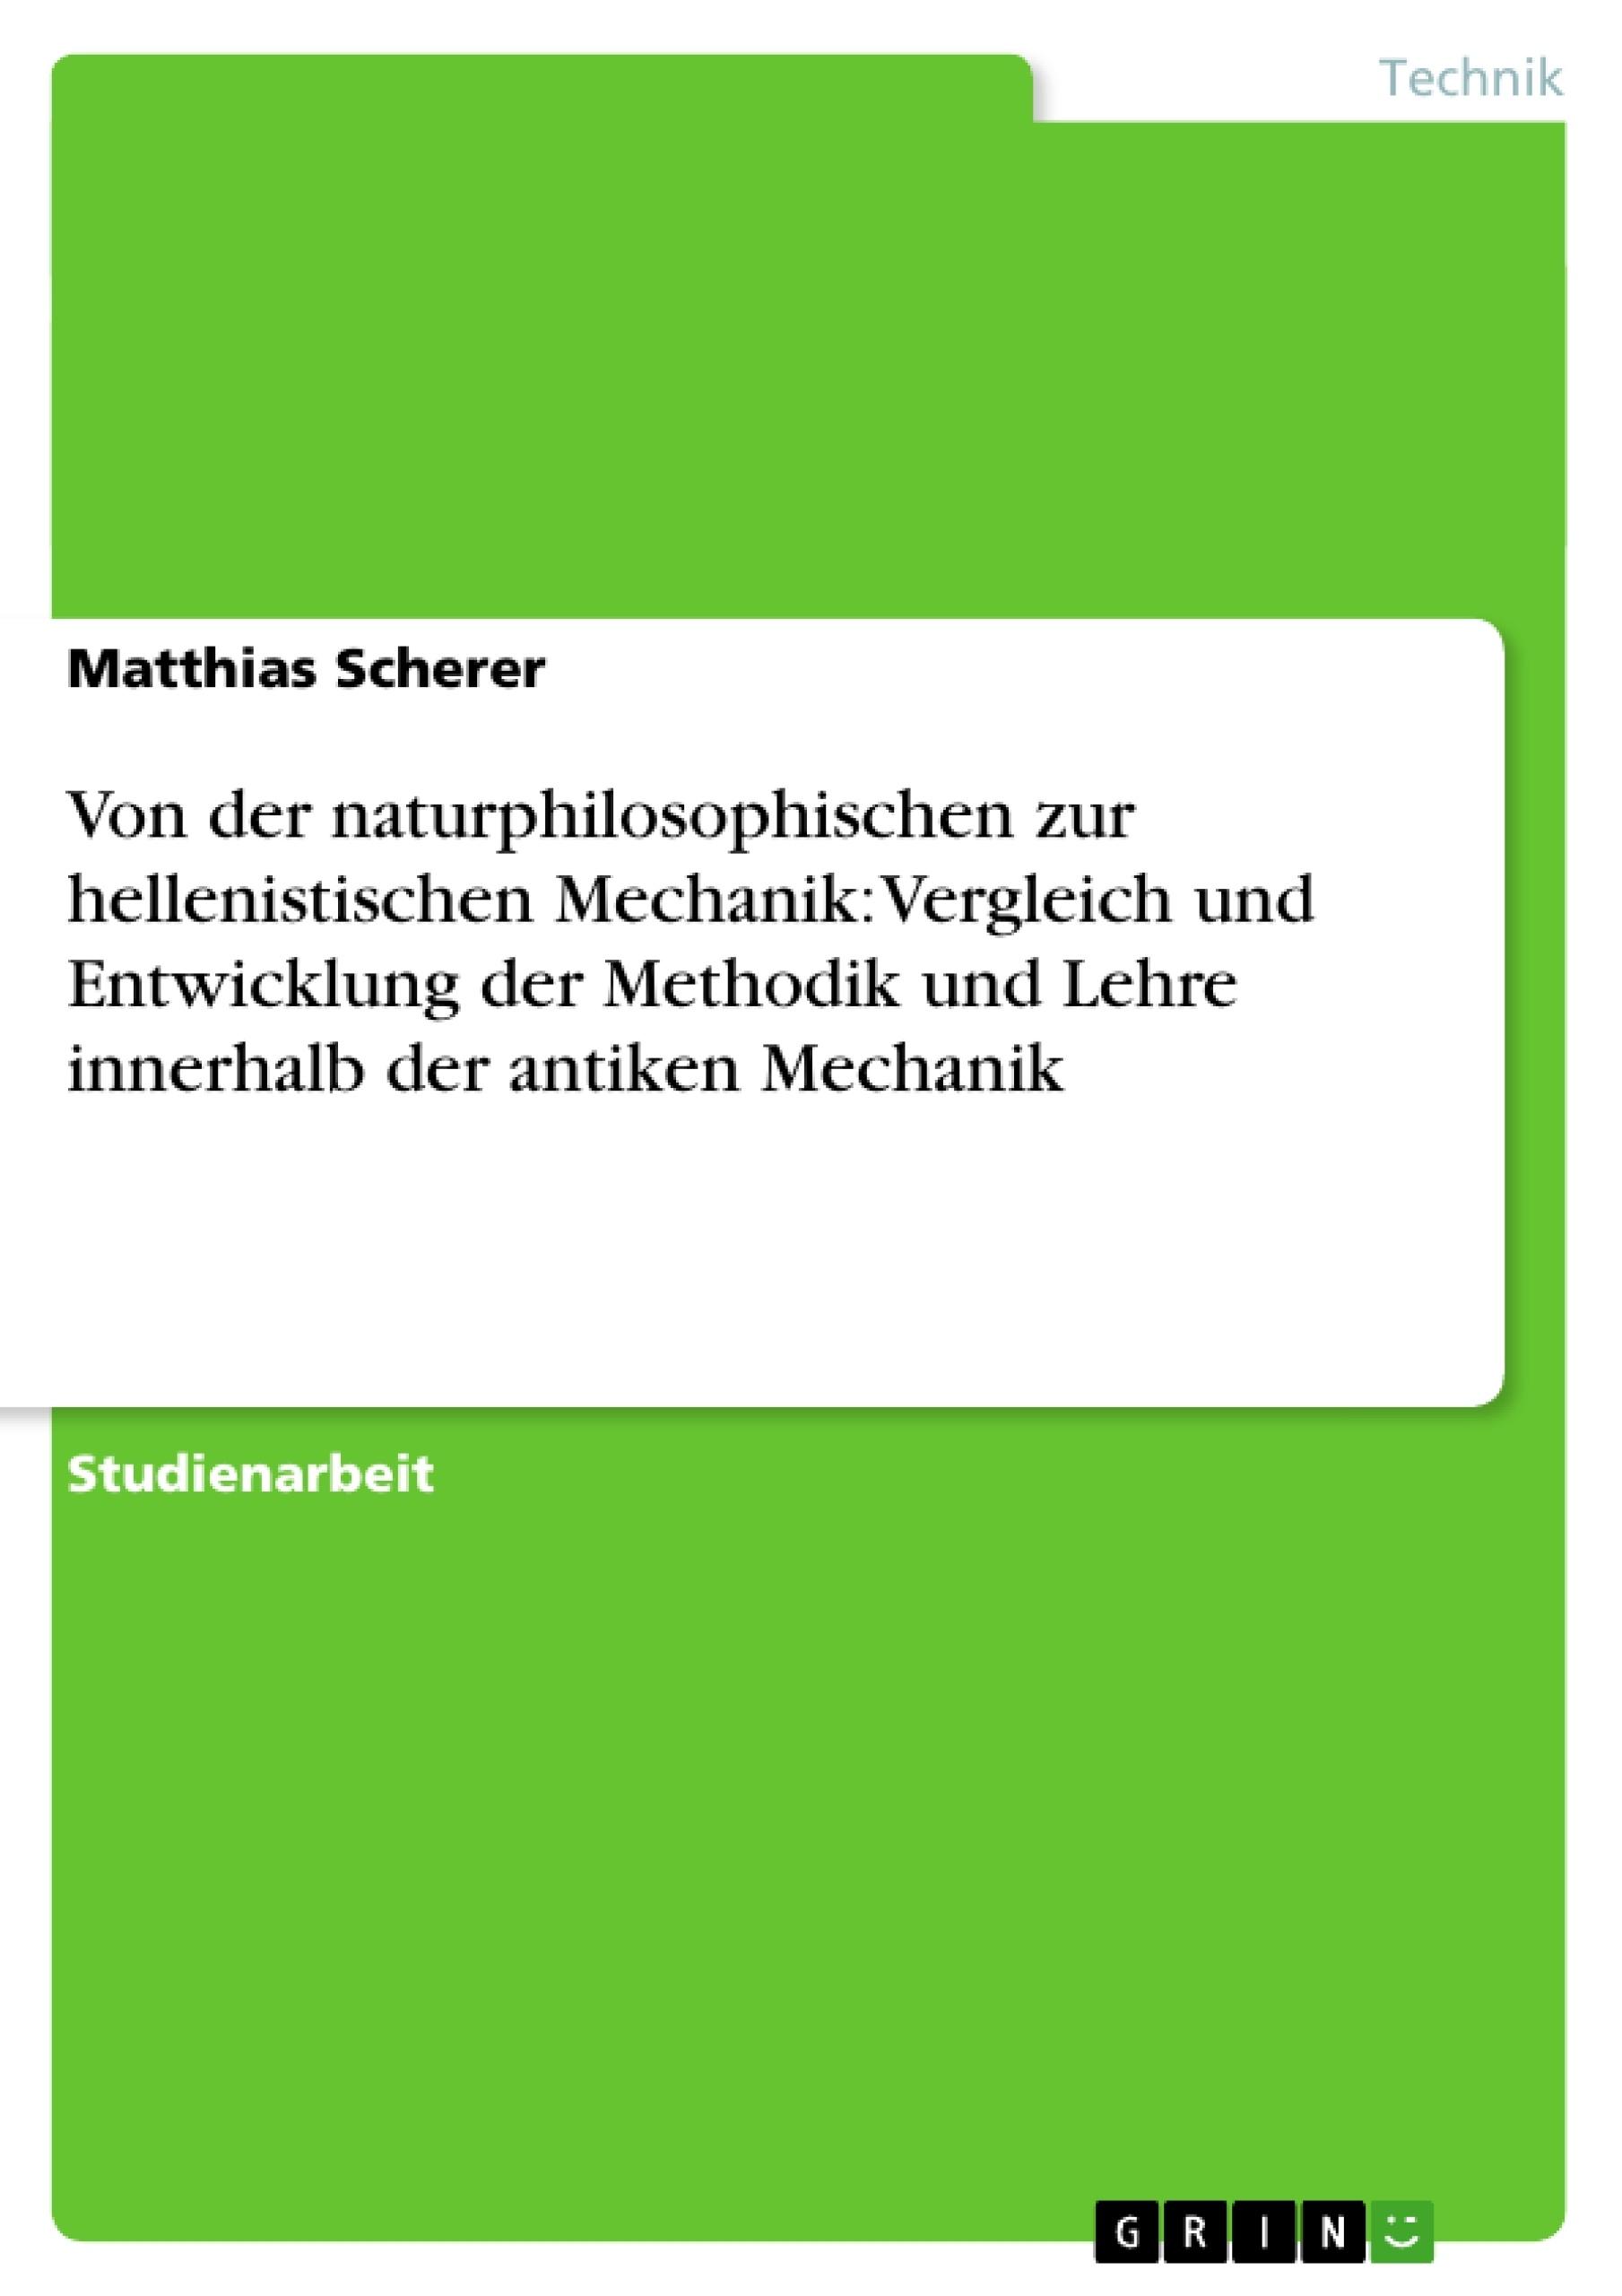 Titel: Von der naturphilosophischen zur hellenistischen Mechanik: Vergleich und Entwicklung der Methodik und Lehre innerhalb der antiken Mechanik